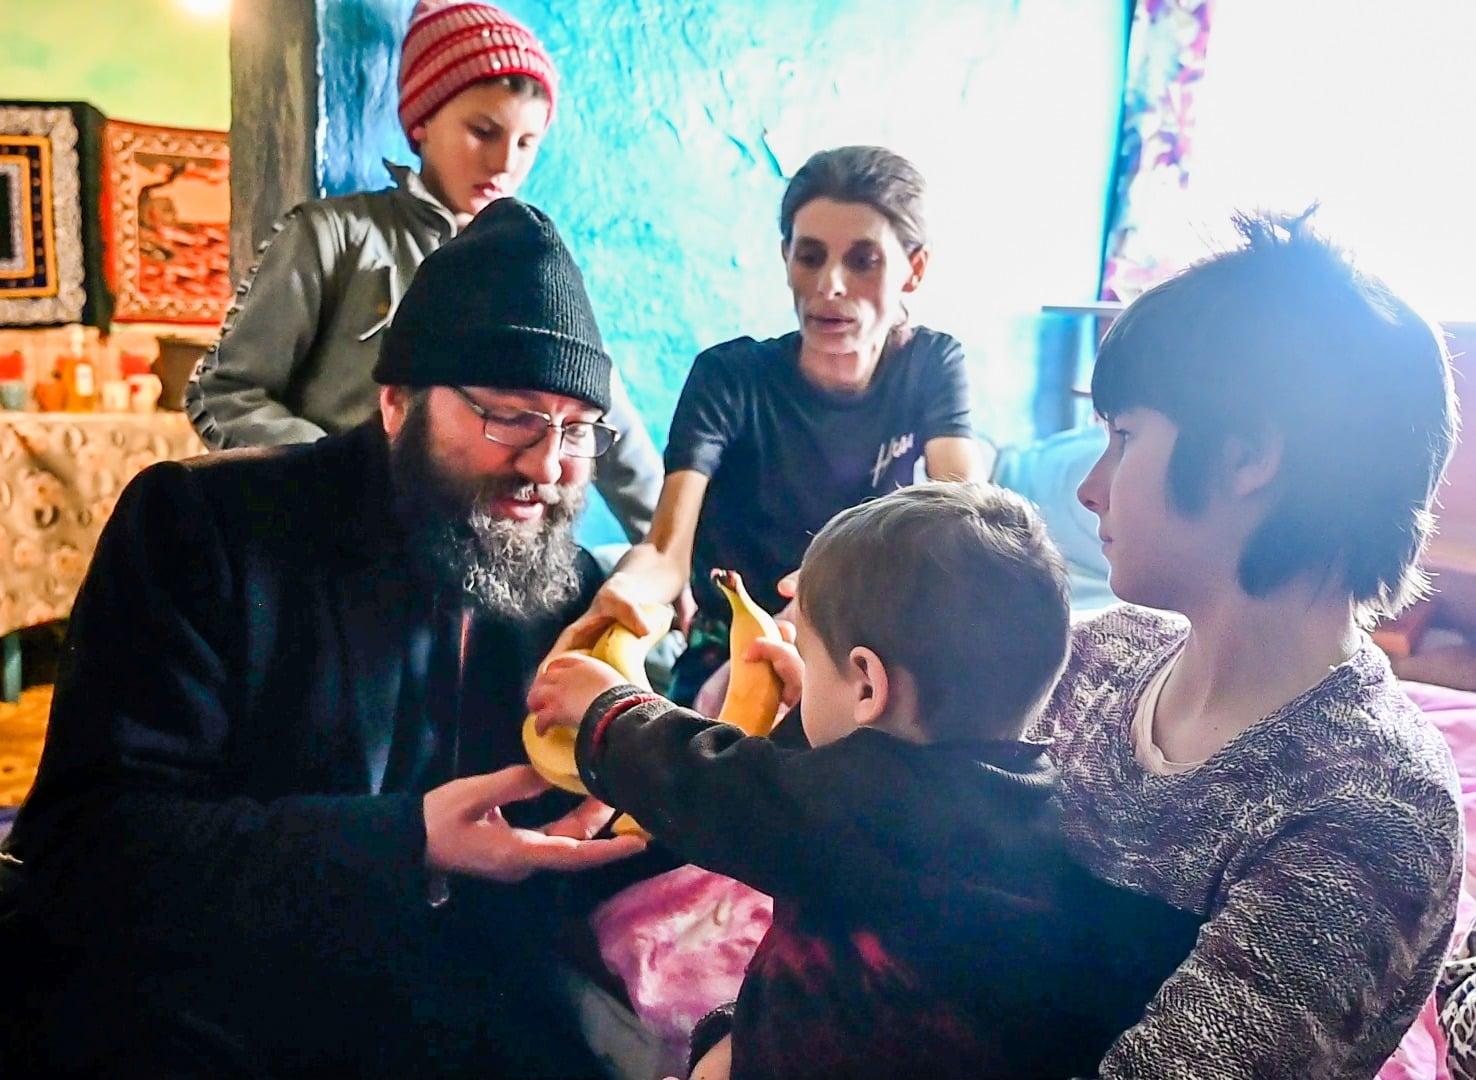 PĂRINTELE (DAN) DAMASCHIN, preotul din Iași care DĂRUIEȘTE NĂDEJDE și care știe să asculte GLASUL VIEȚII și al SUFERINȚEI FRAȚILOR CELOR MICI AI LUI HRISTOS. Grăuntele de Lumină 2021 a ajuns la aproape 9000 de copii (NOI REPORTAJE și INTERVIURI VIDEO)